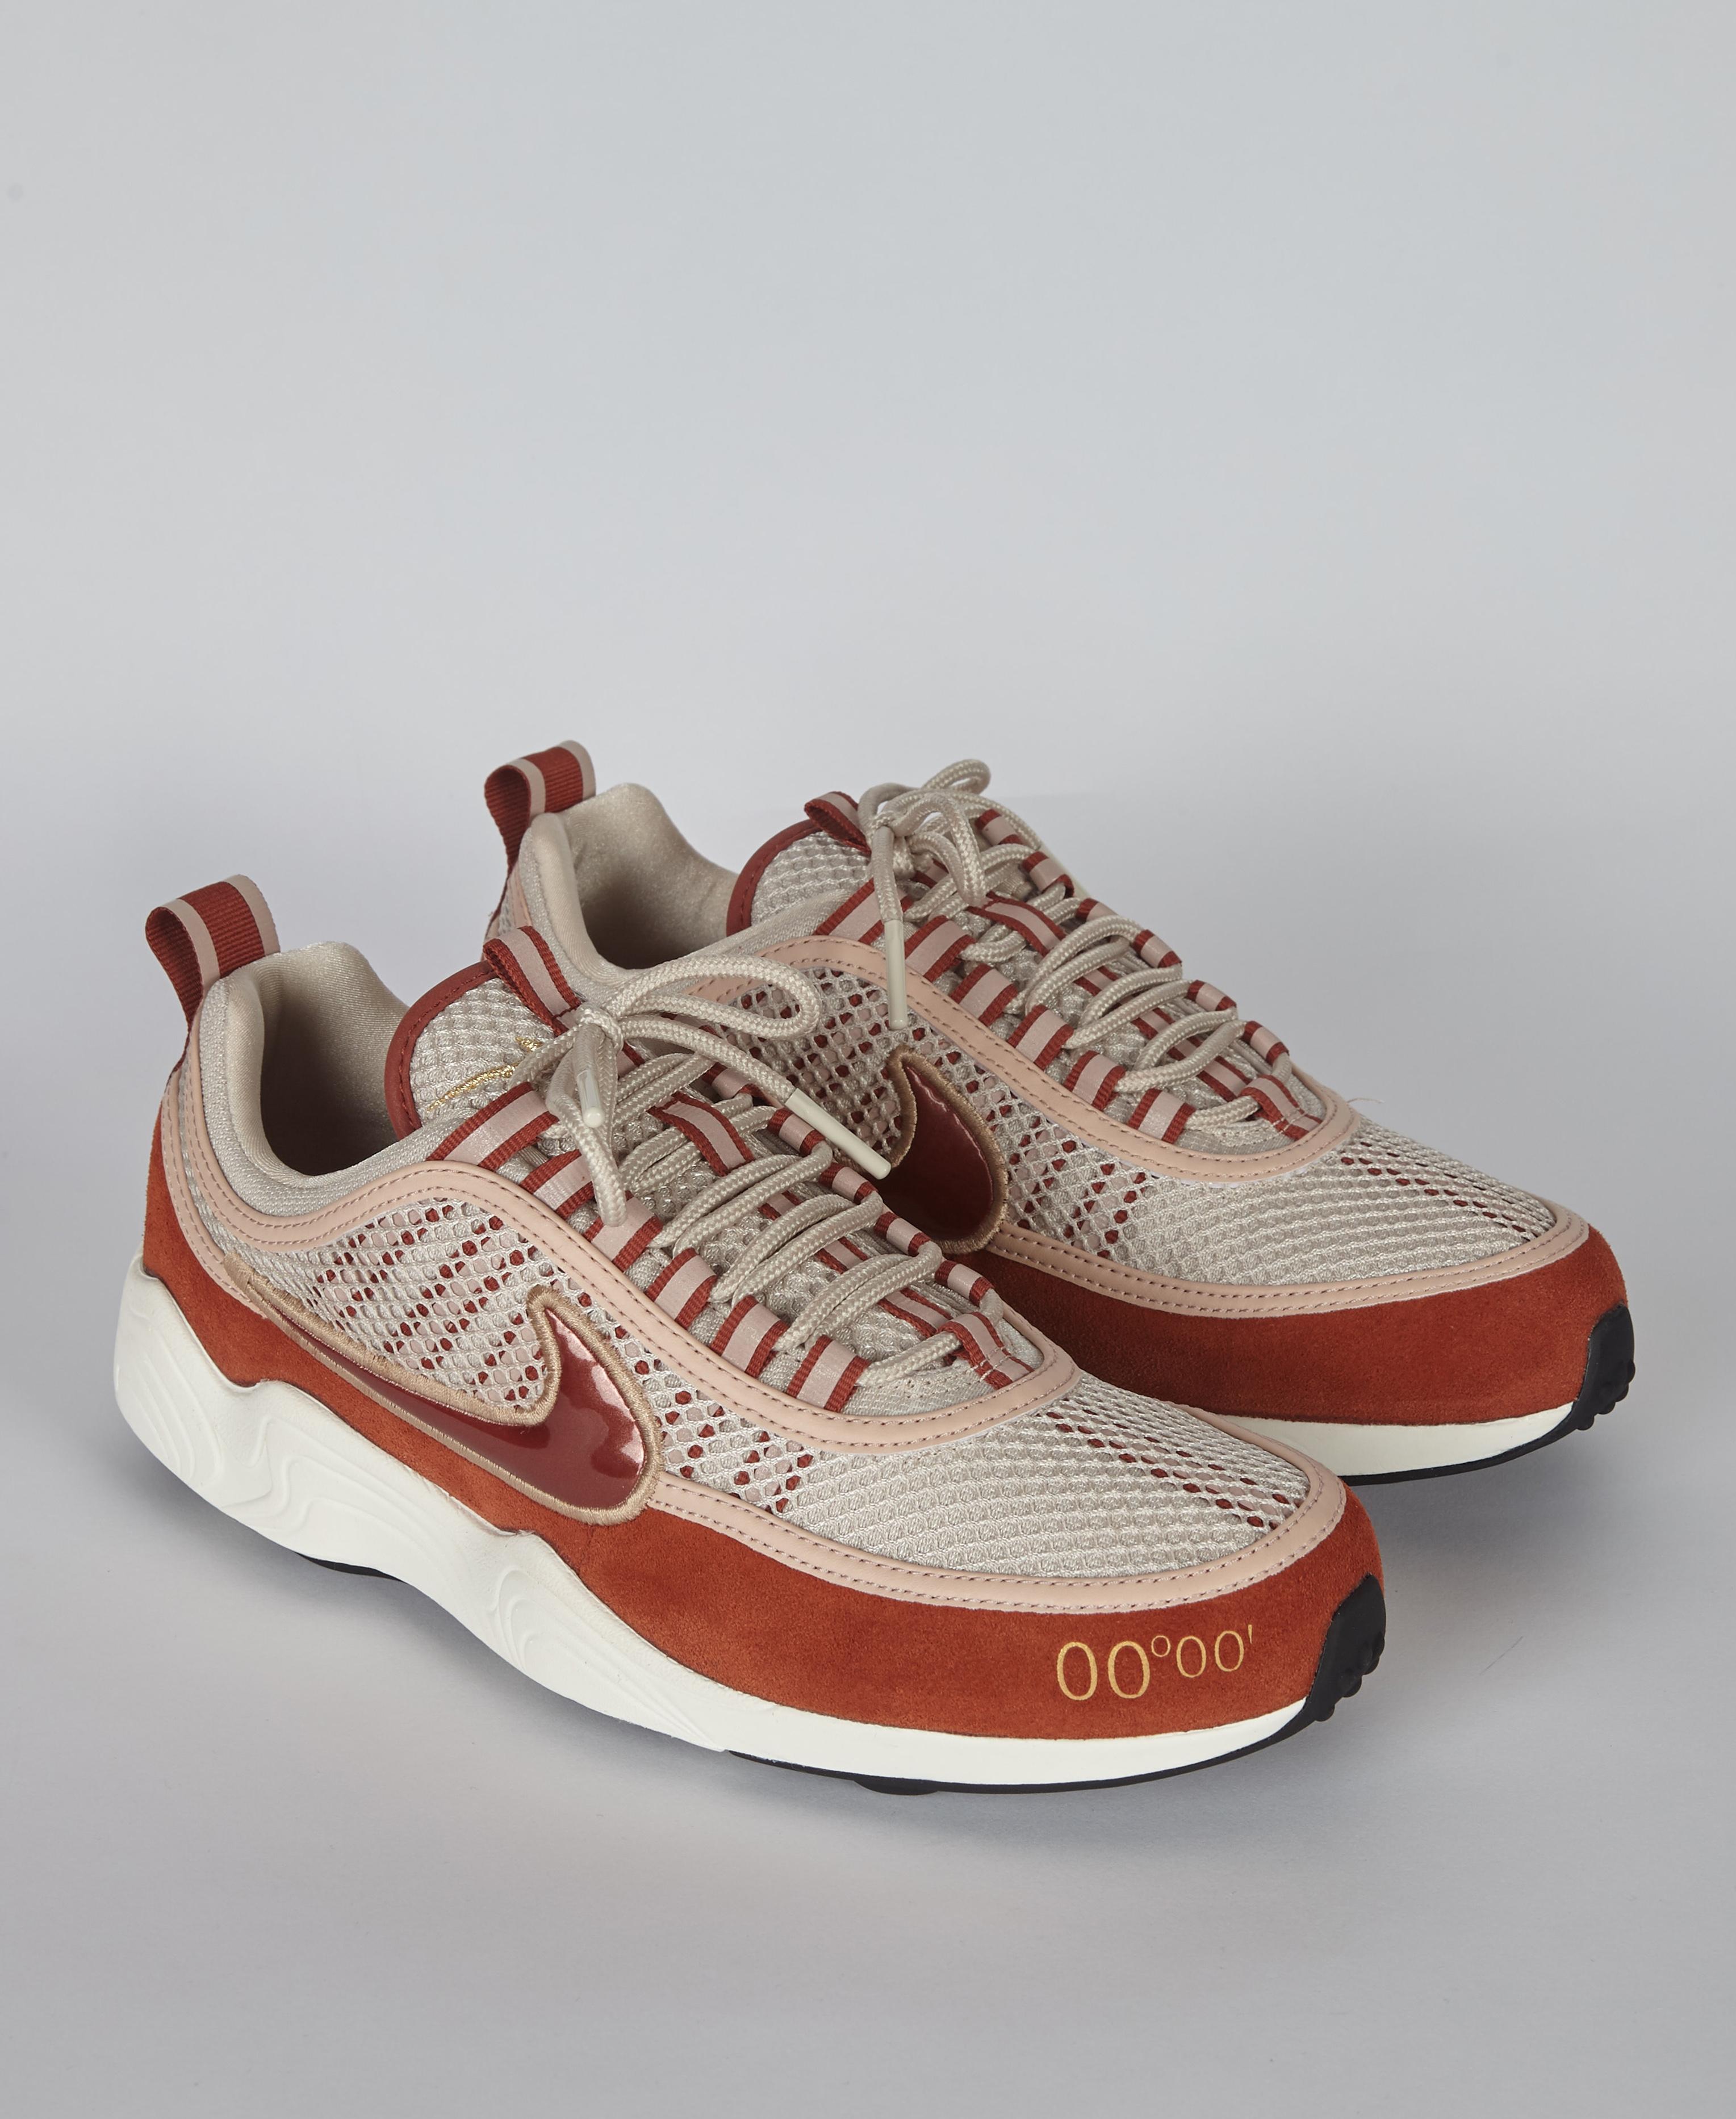 Nike Air Zoom Spiridon Uk Gmt Trainers